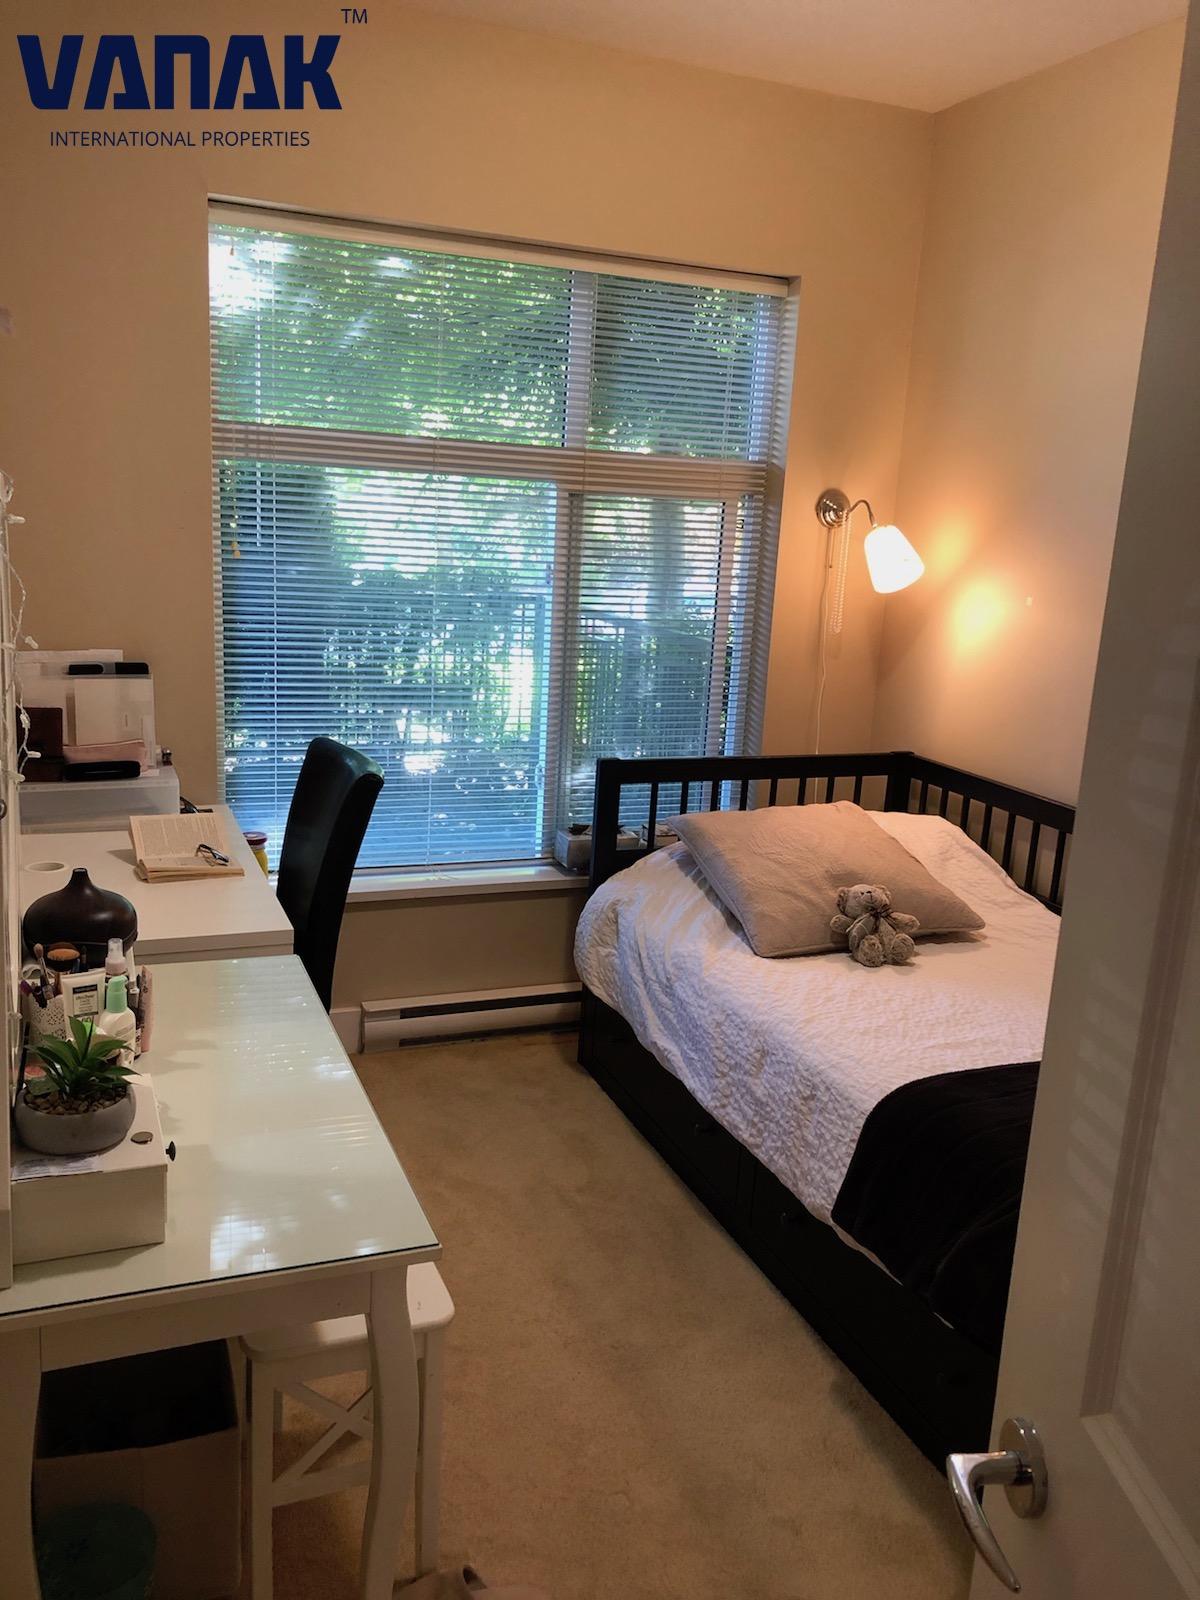 6328 Larkin Drive,Vancouver West,BC,Canada,2 Bedrooms Bedrooms,2 BathroomsBathrooms,Apartment,OLD BARN,Larkin Drive,1468